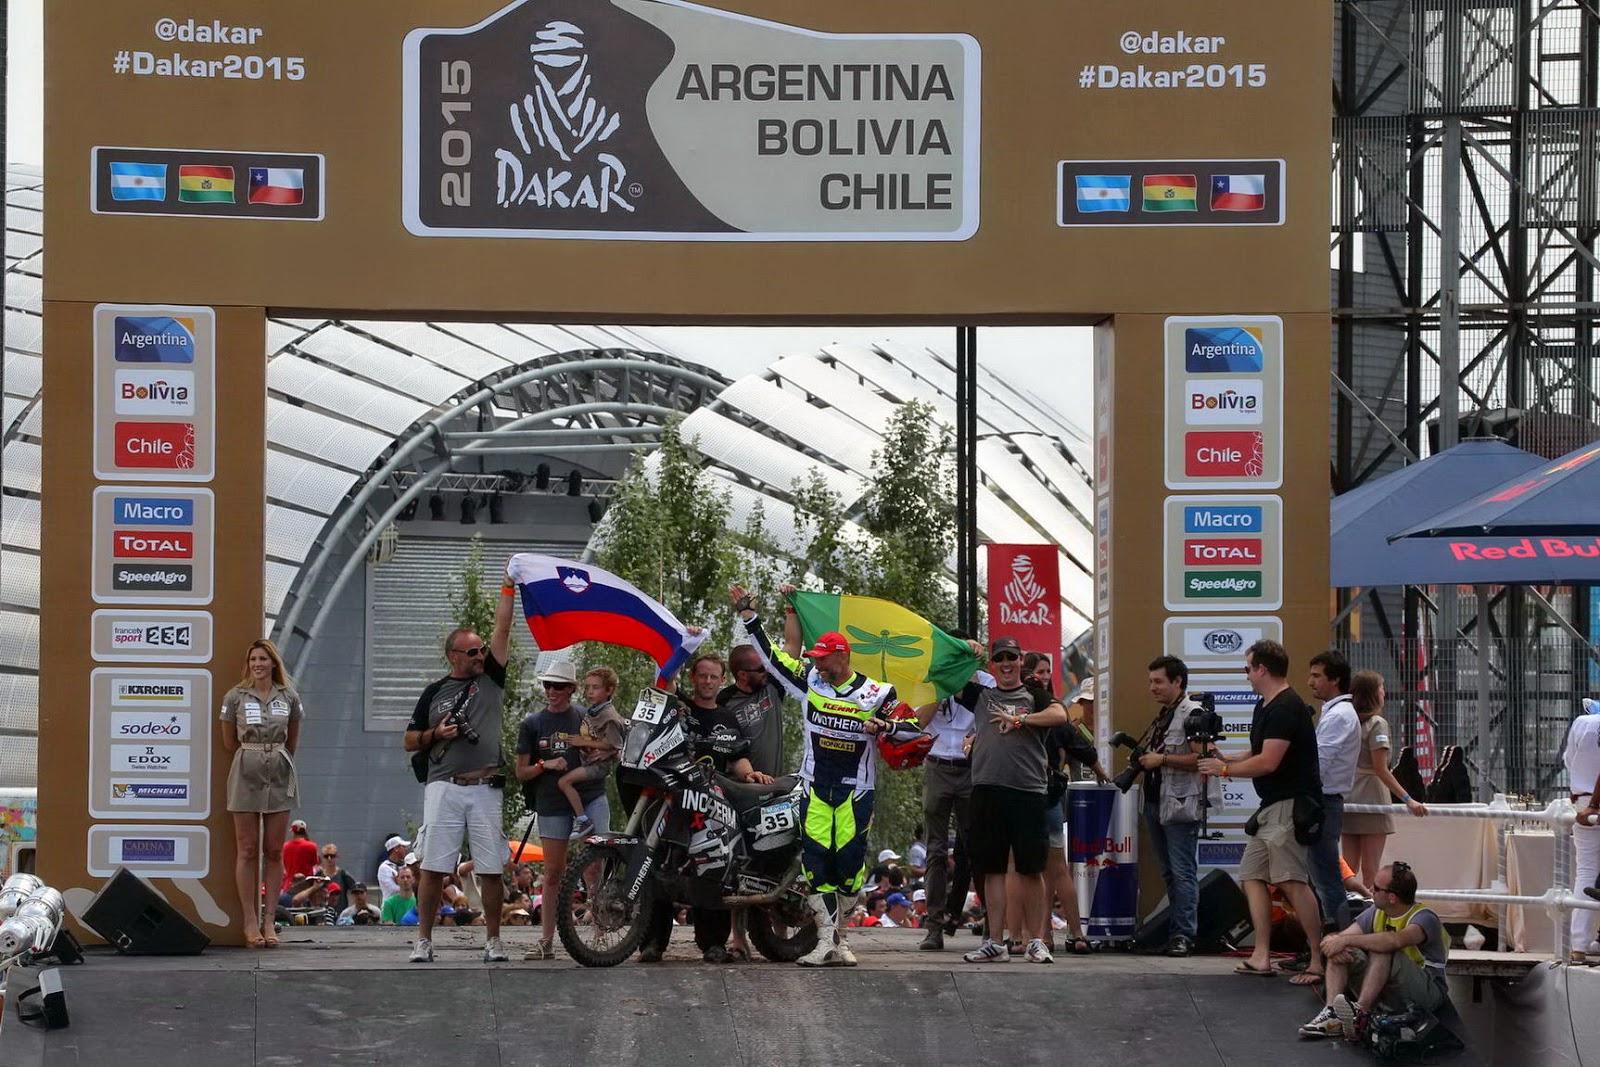 Stanovnik svoj 18. Dakar zaključil na 28. mestu, Coma petič najhitrejši motorist